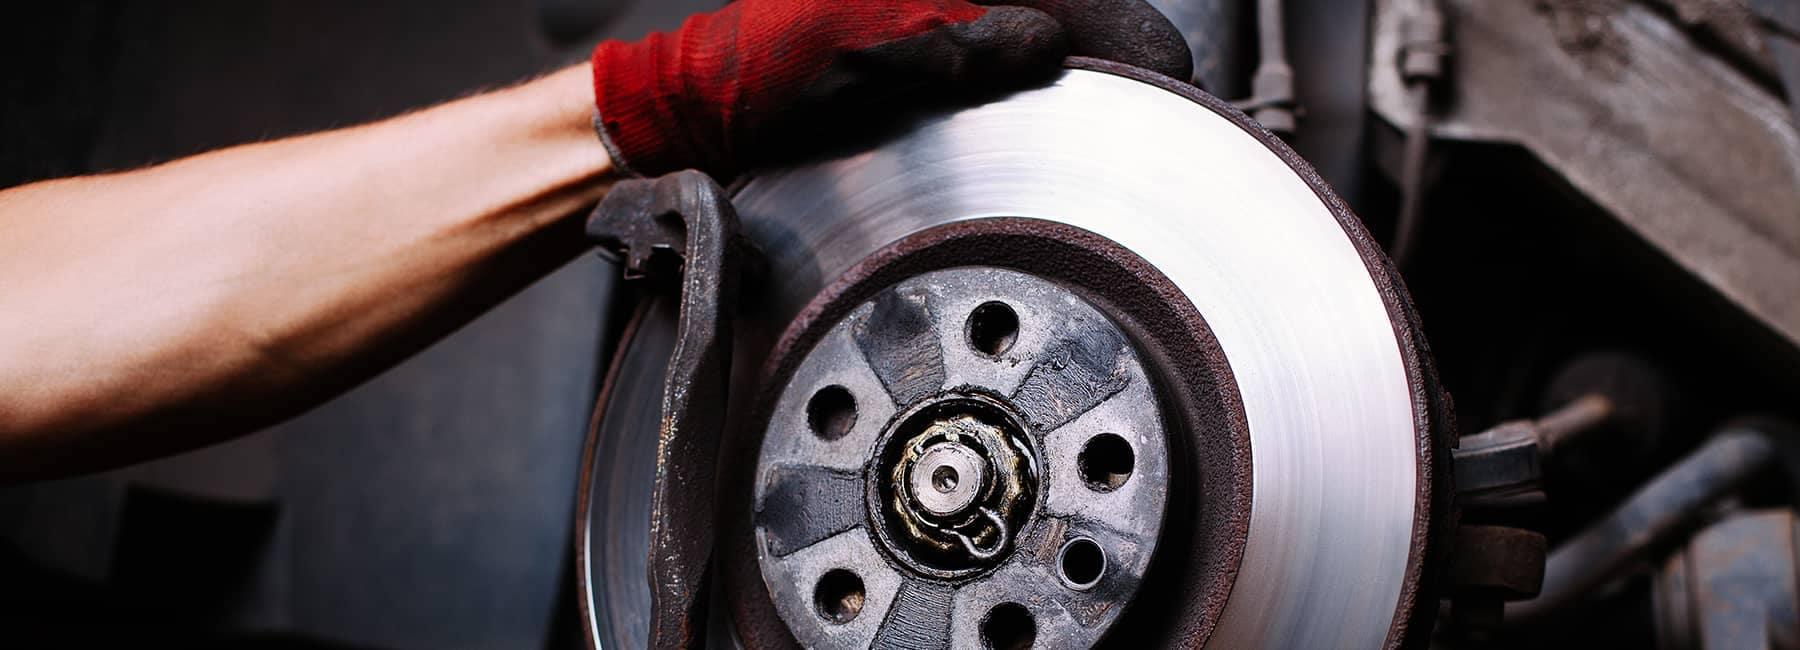 technician adjusts car brakes